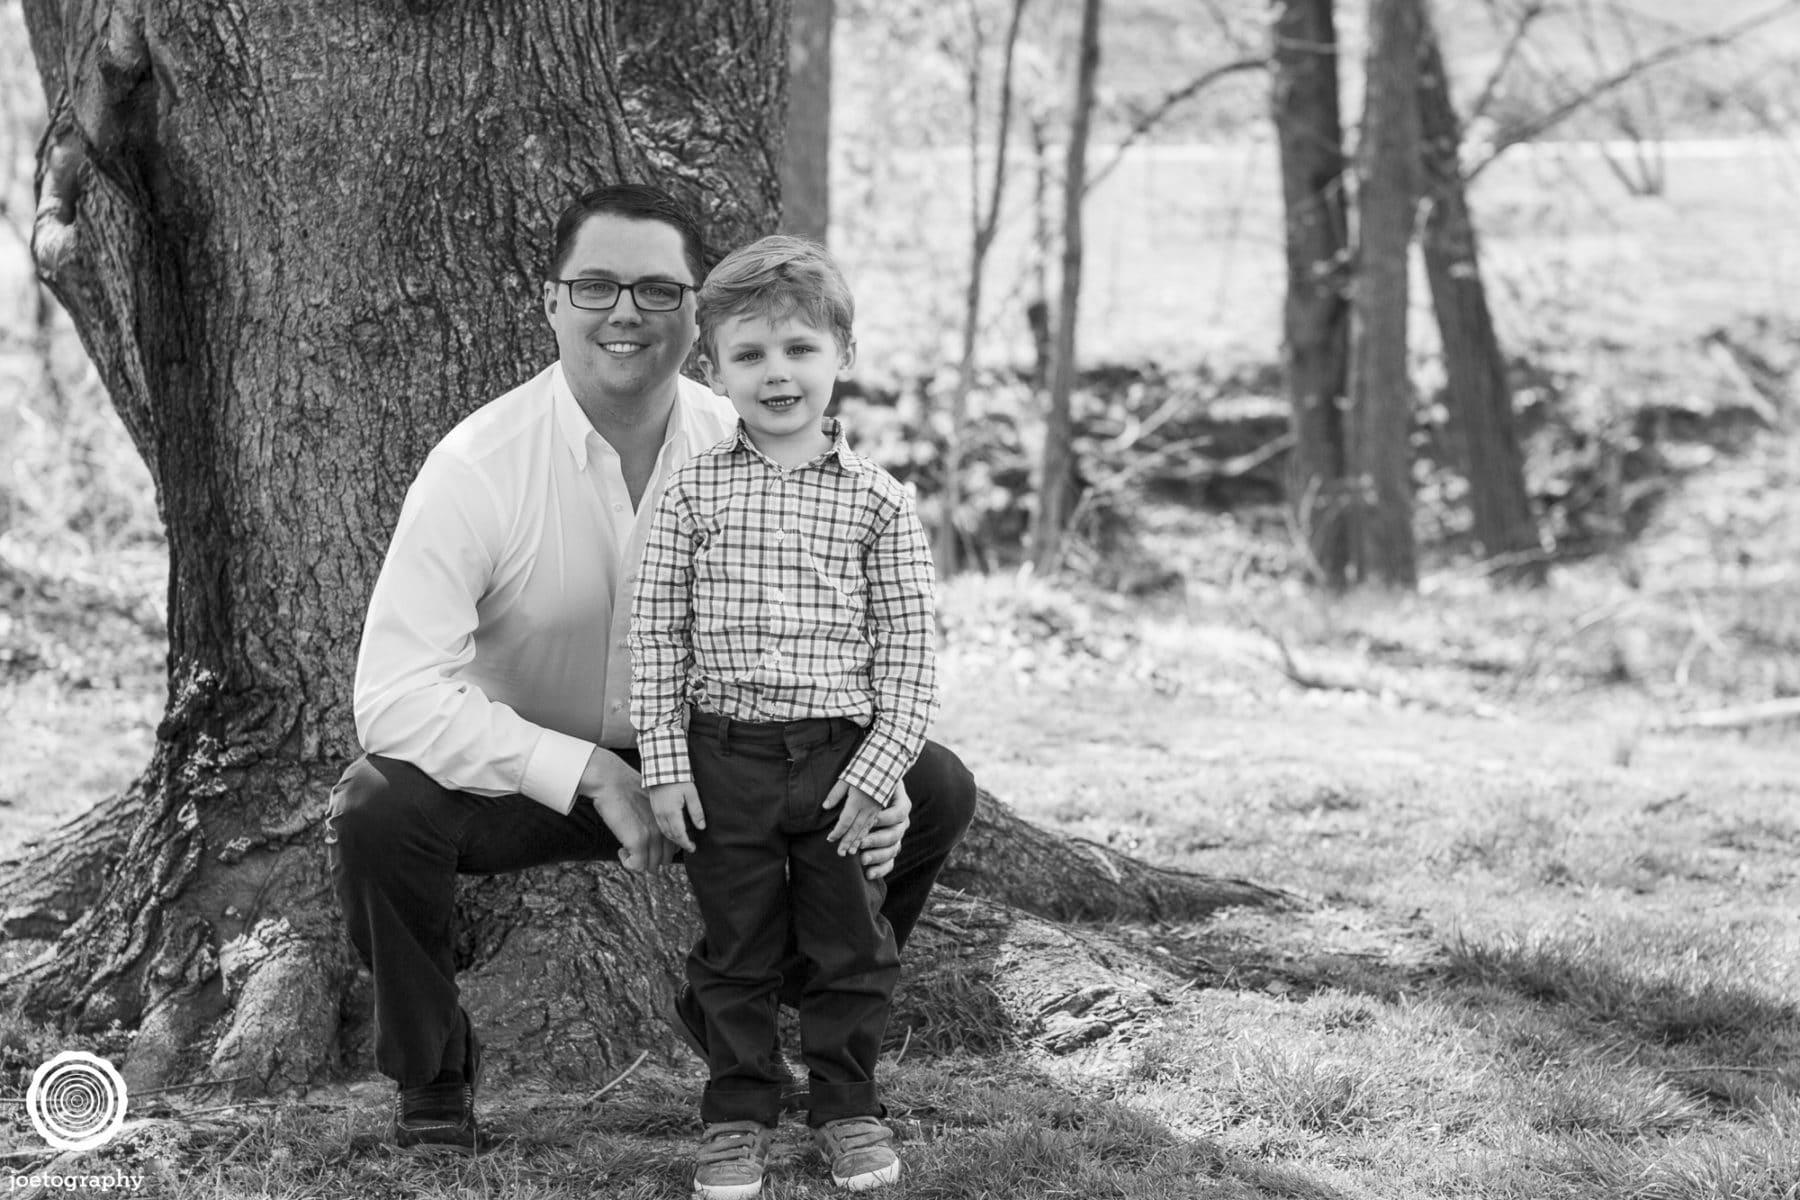 Easter-2014-Mini-Family-Photos-Arlington-Virginia-10